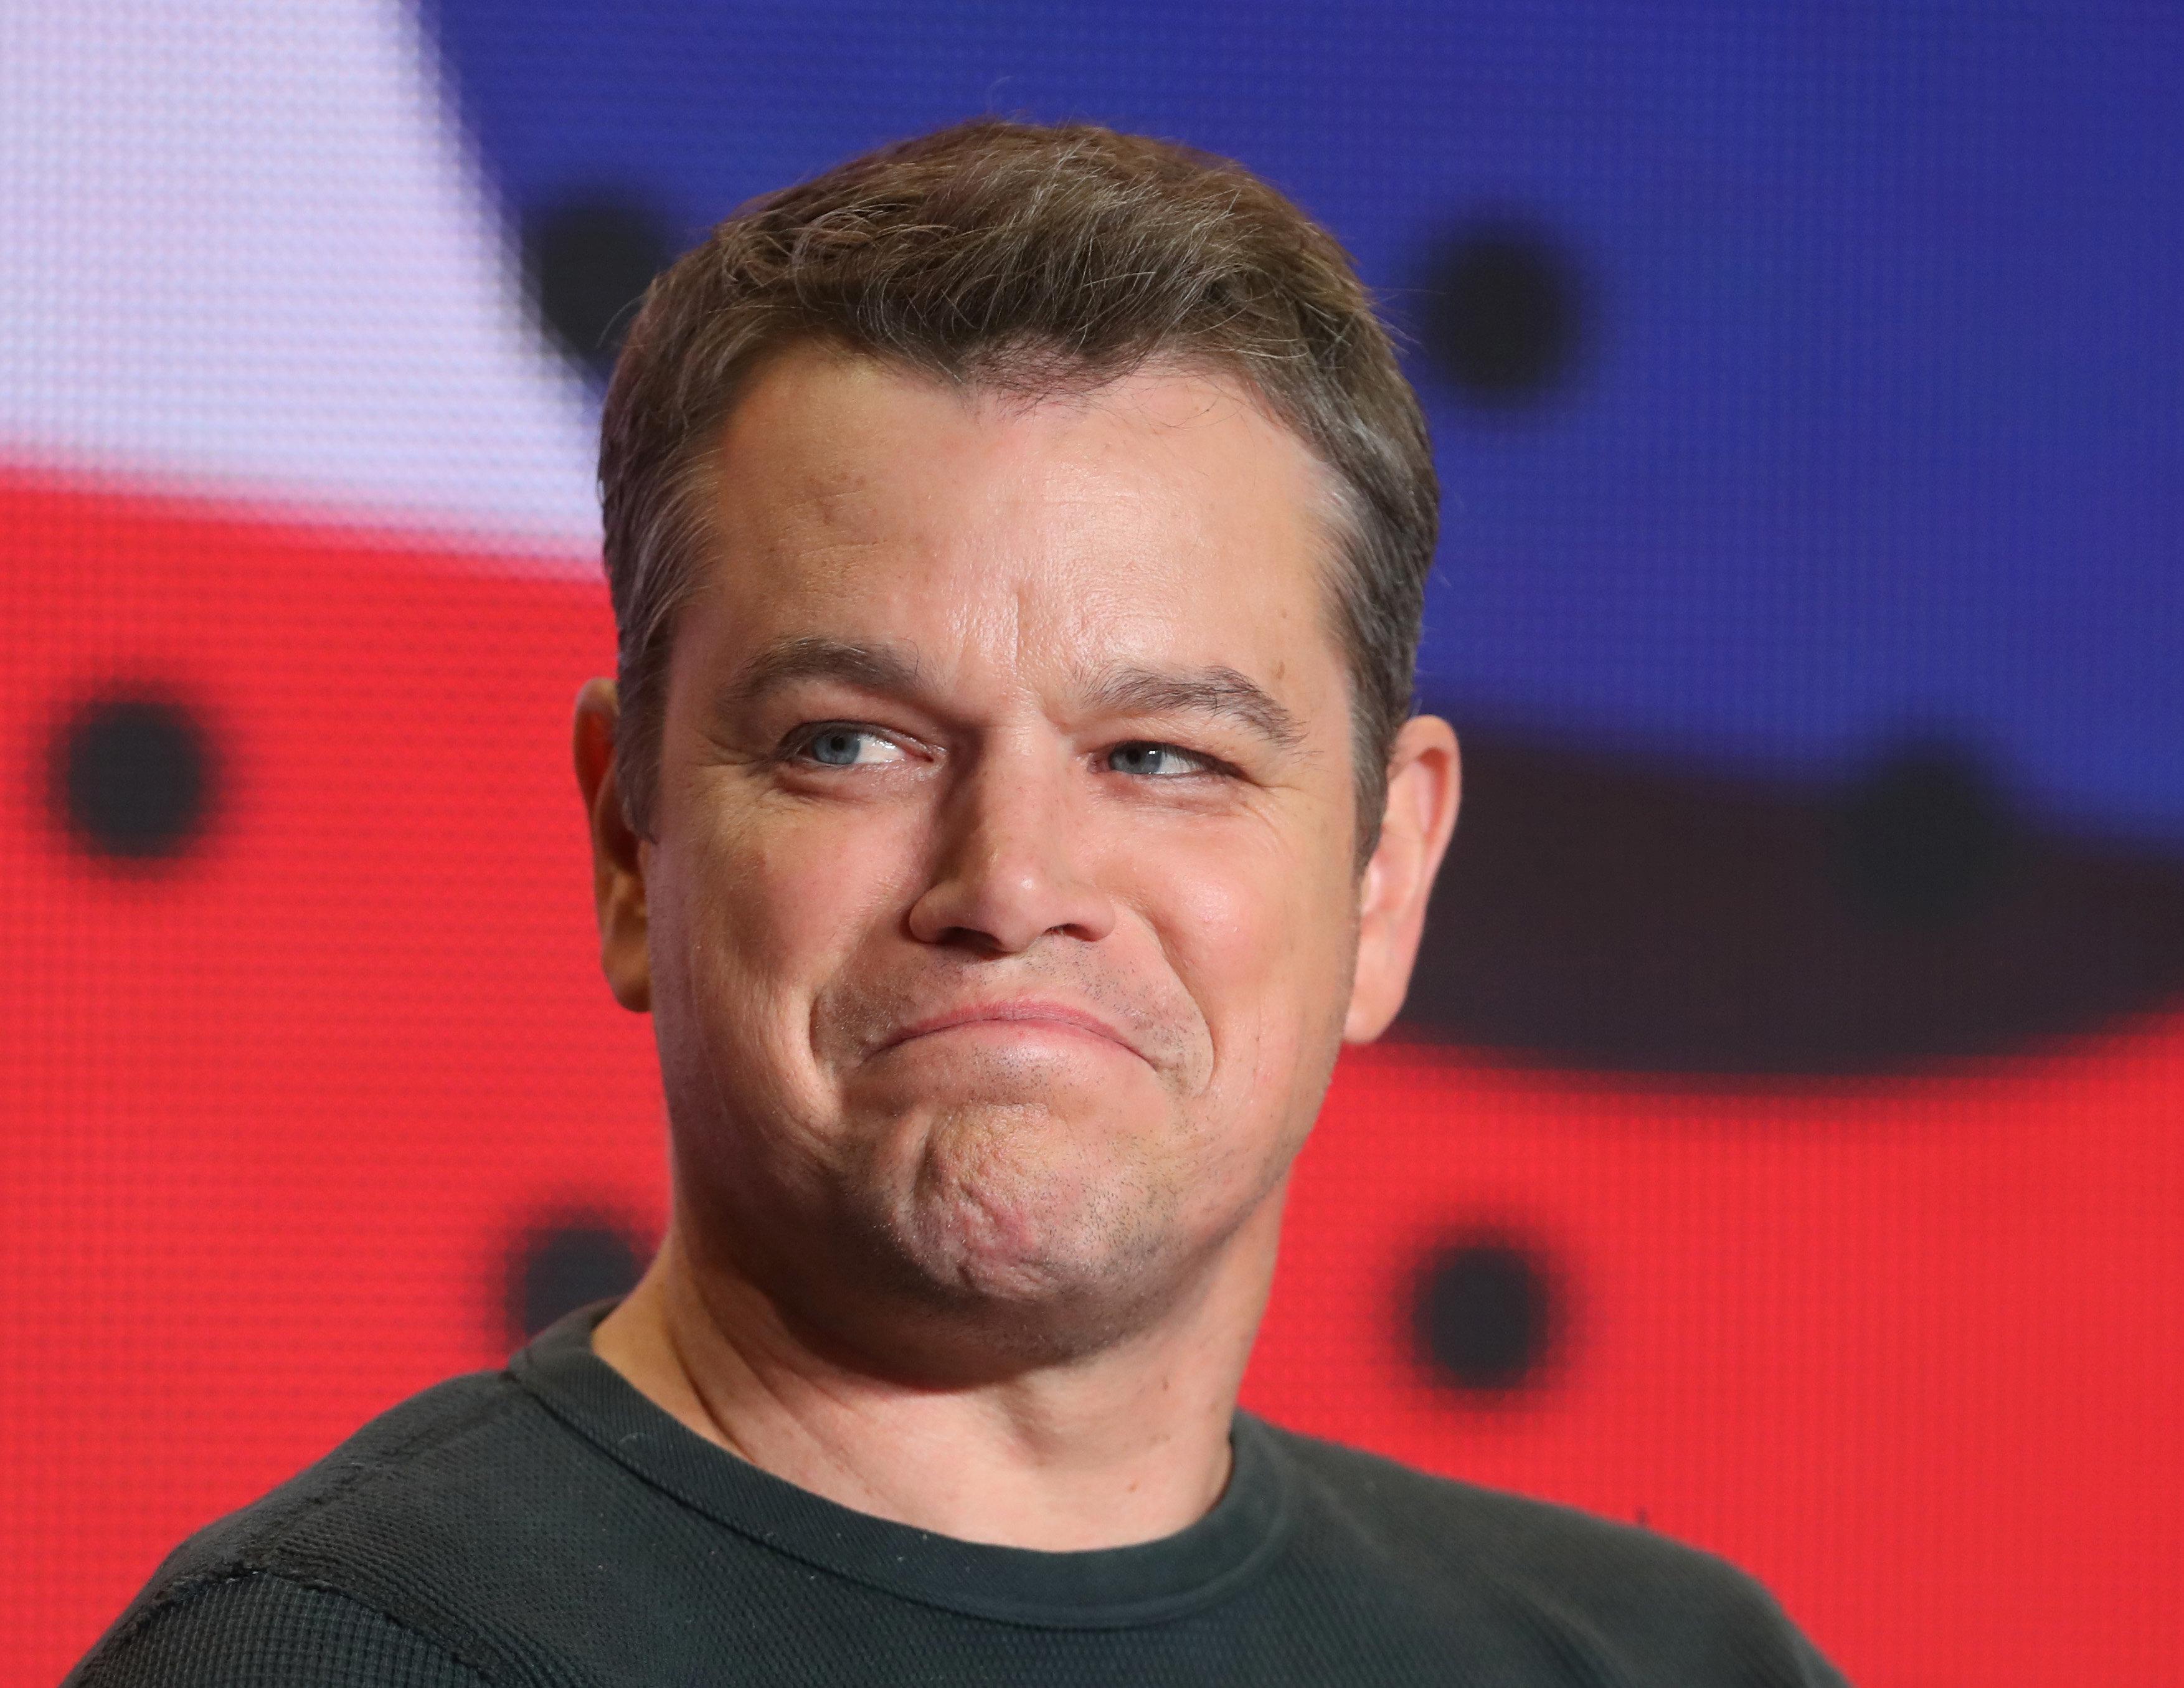 26.000 υπογραφές για να μην συμμετάσχει ο Matt Damon στην ταινία «Ocean's